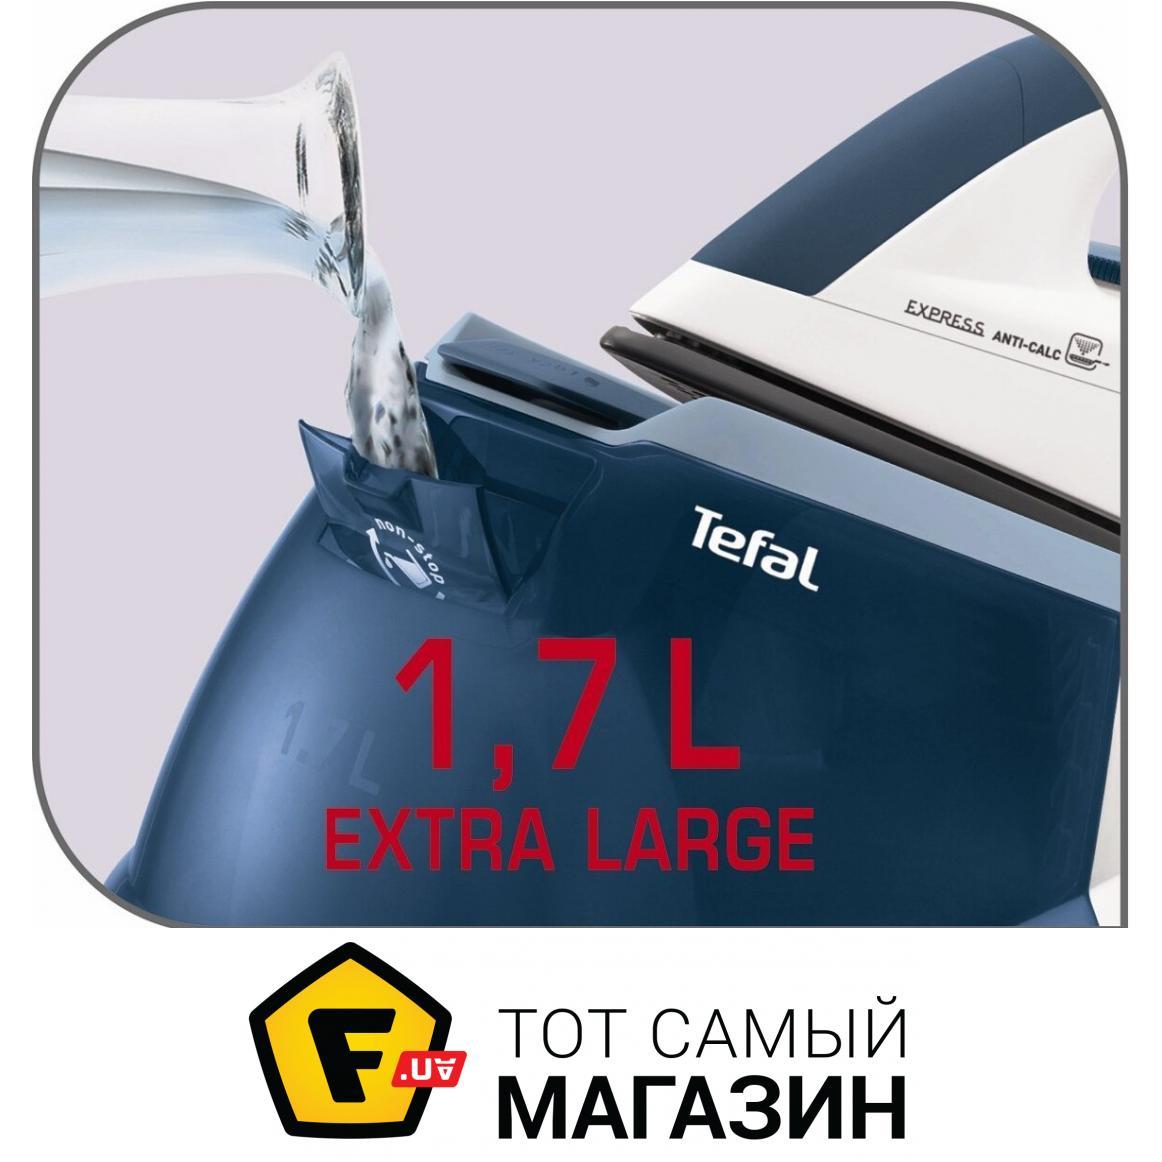 tefal pro express anti calc manual